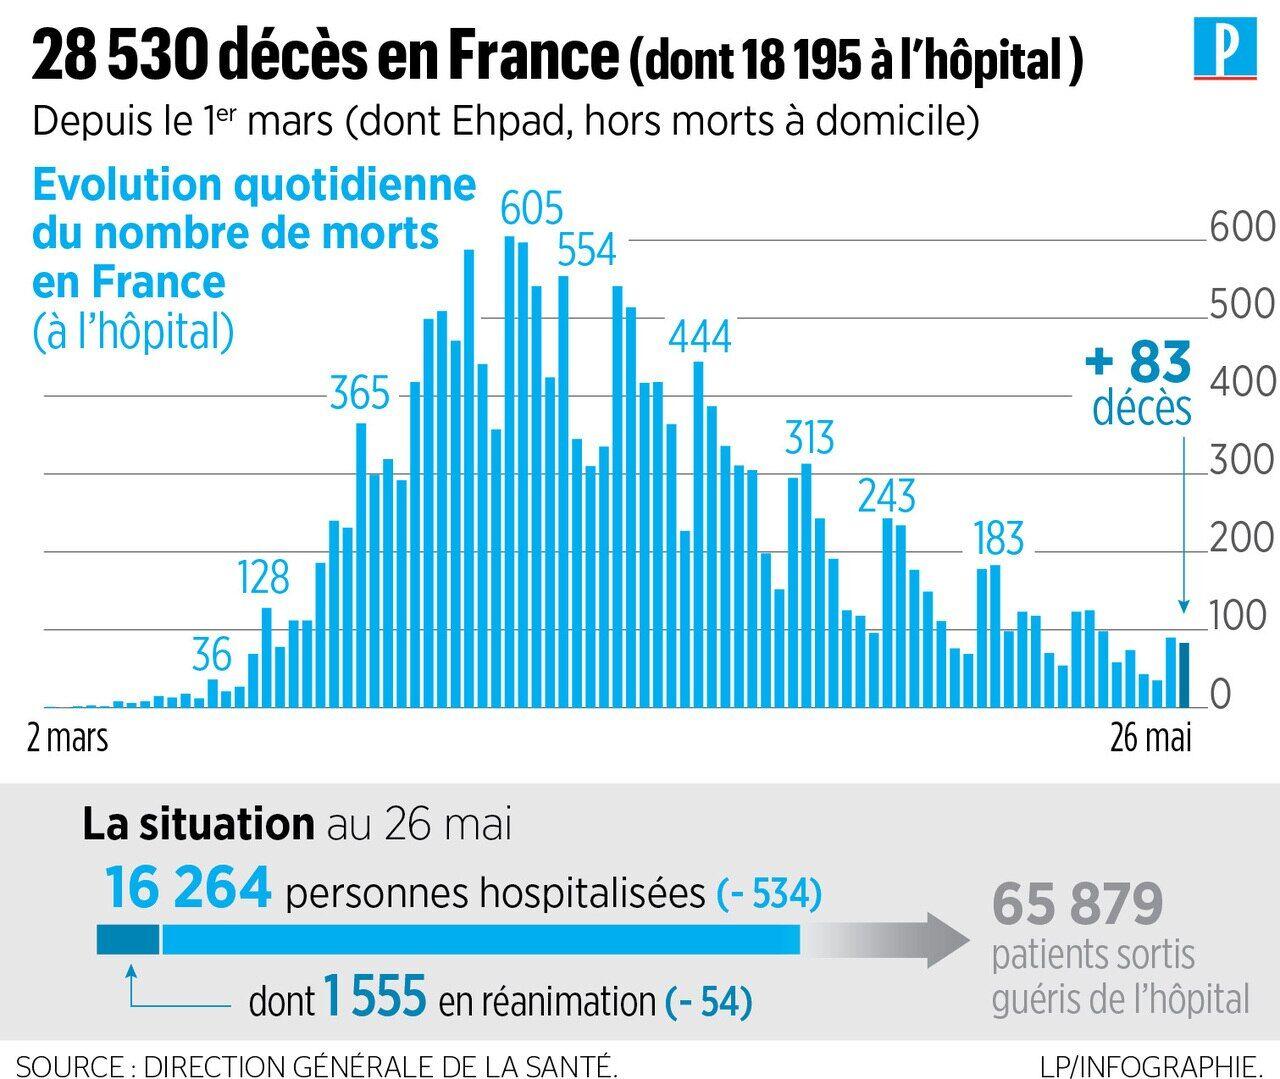 Coronavirus En France 83 Nouveaux Deces A L Hopital 28530 Morts Depuis Le Debut De L Epidemie Le Parisien